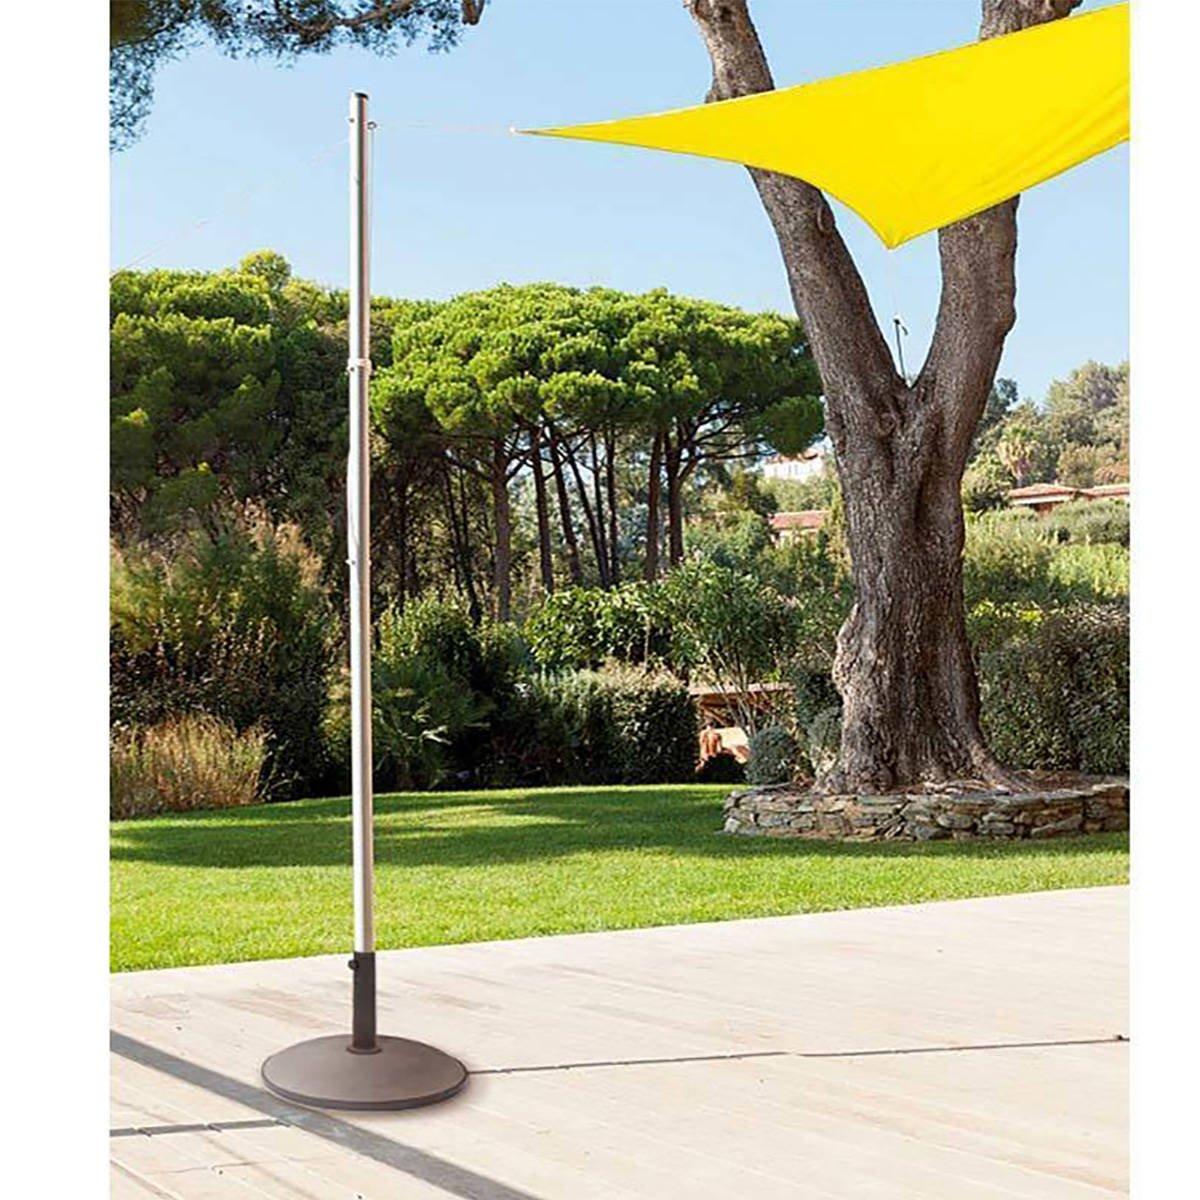 BefestiguNässet für für für Sonnensegel Sonnenschutz - SEHR ROBUST - Höhe 255 cm mit Durchmesser 50 mm 440d79